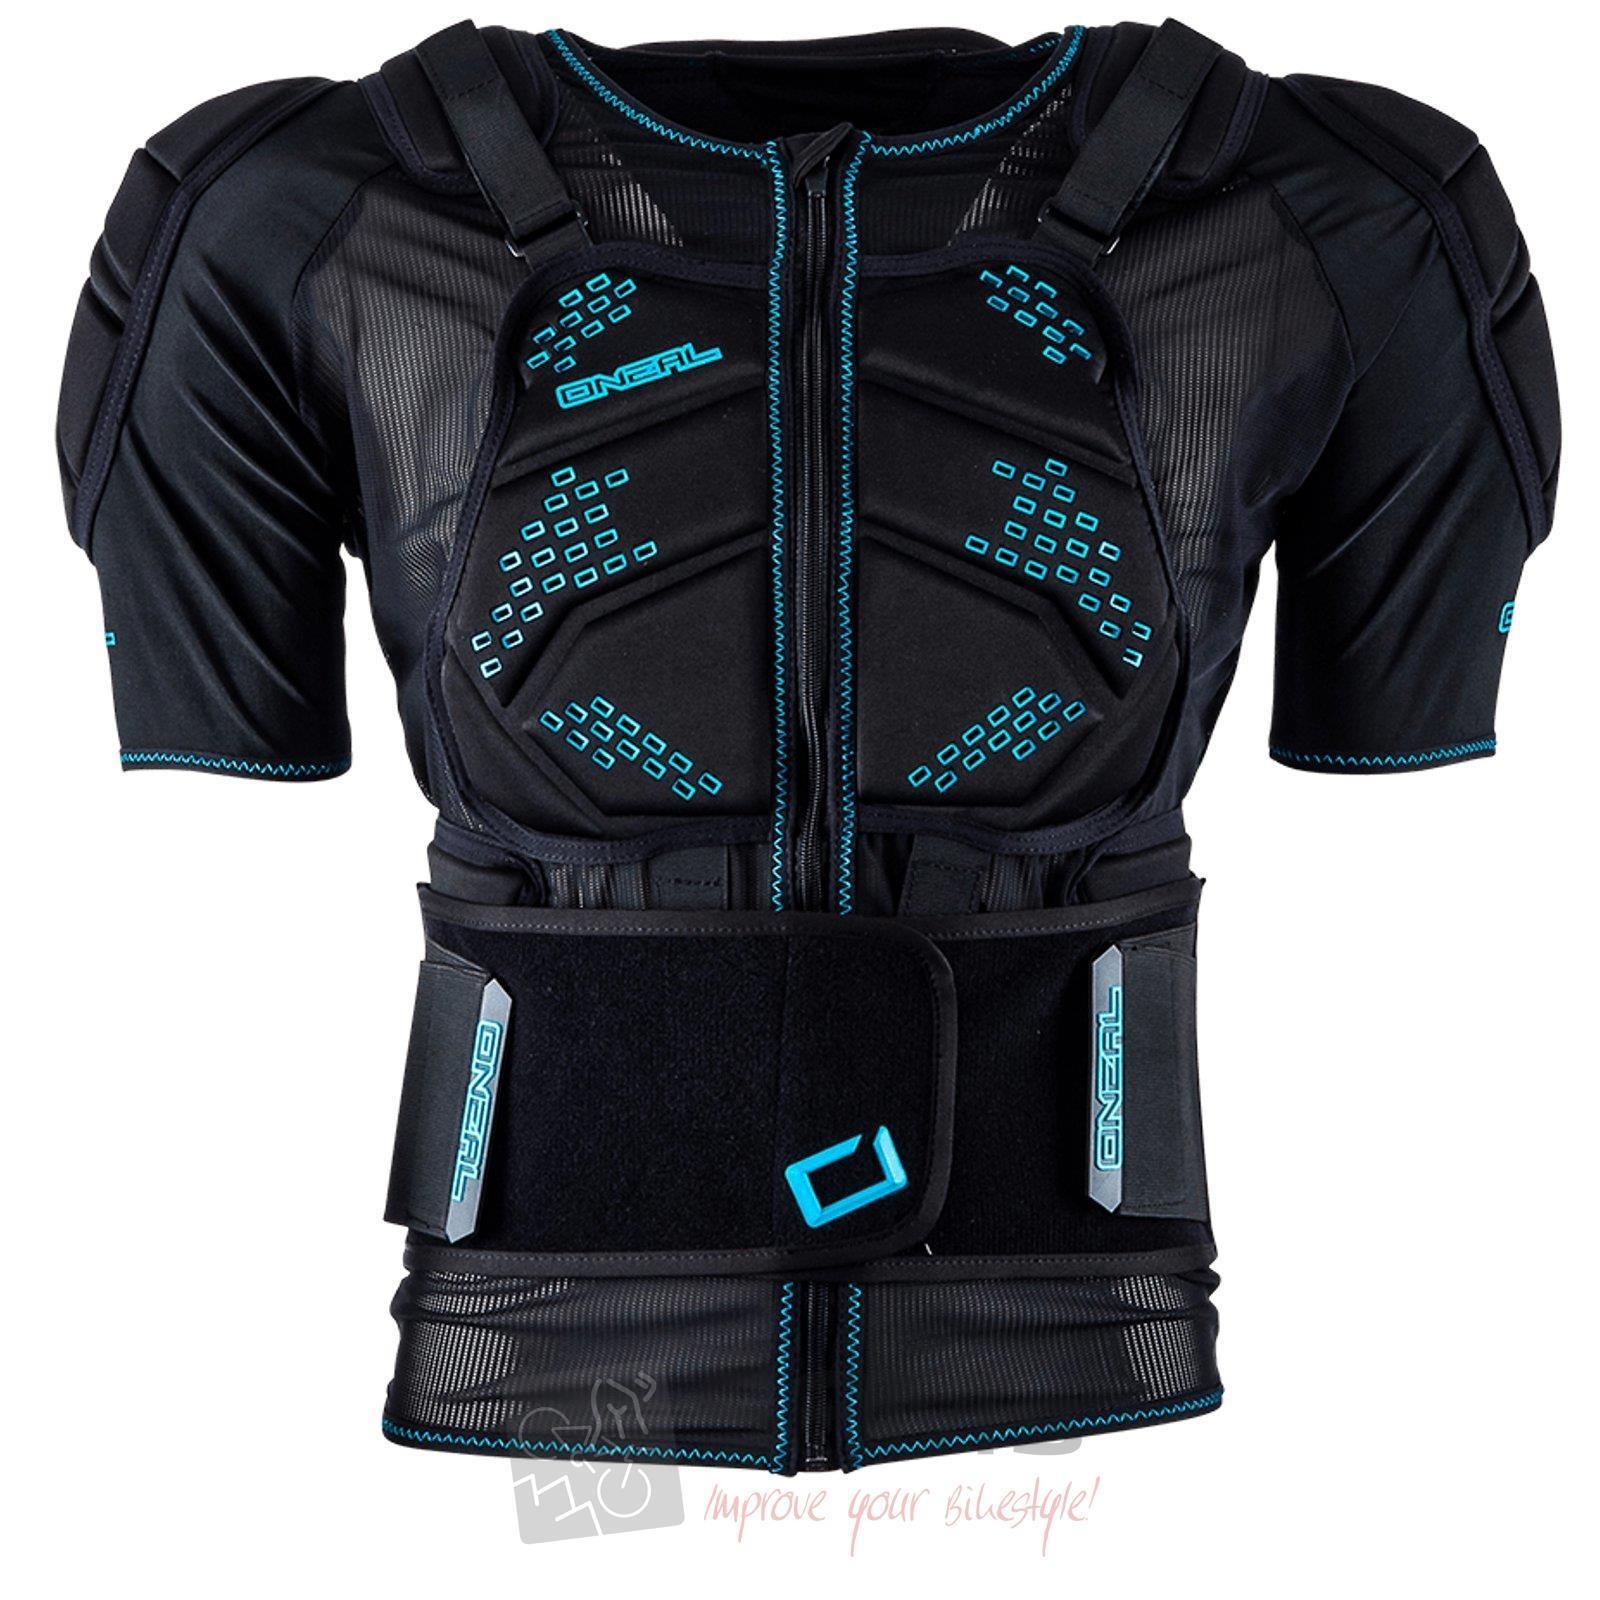 Oneal-protectores-chaqueta-pecho-tanques-chaqueta-moto-cross-FR-DH-proteccion-chaleco-MX-MTB miniatura 20